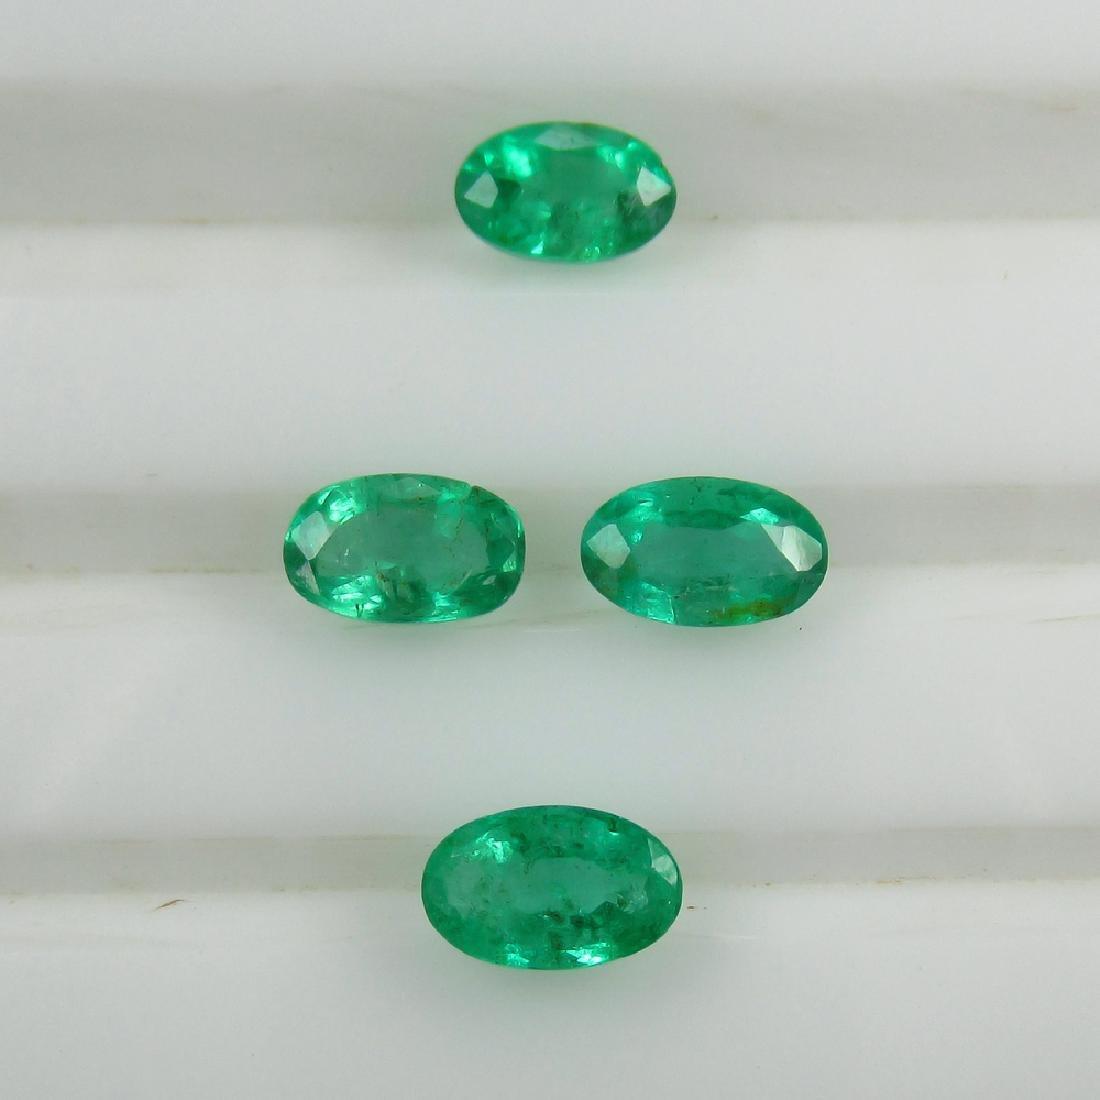 1.00 Ct Genuine 3 Loose Zambian Emerald Matching Oval